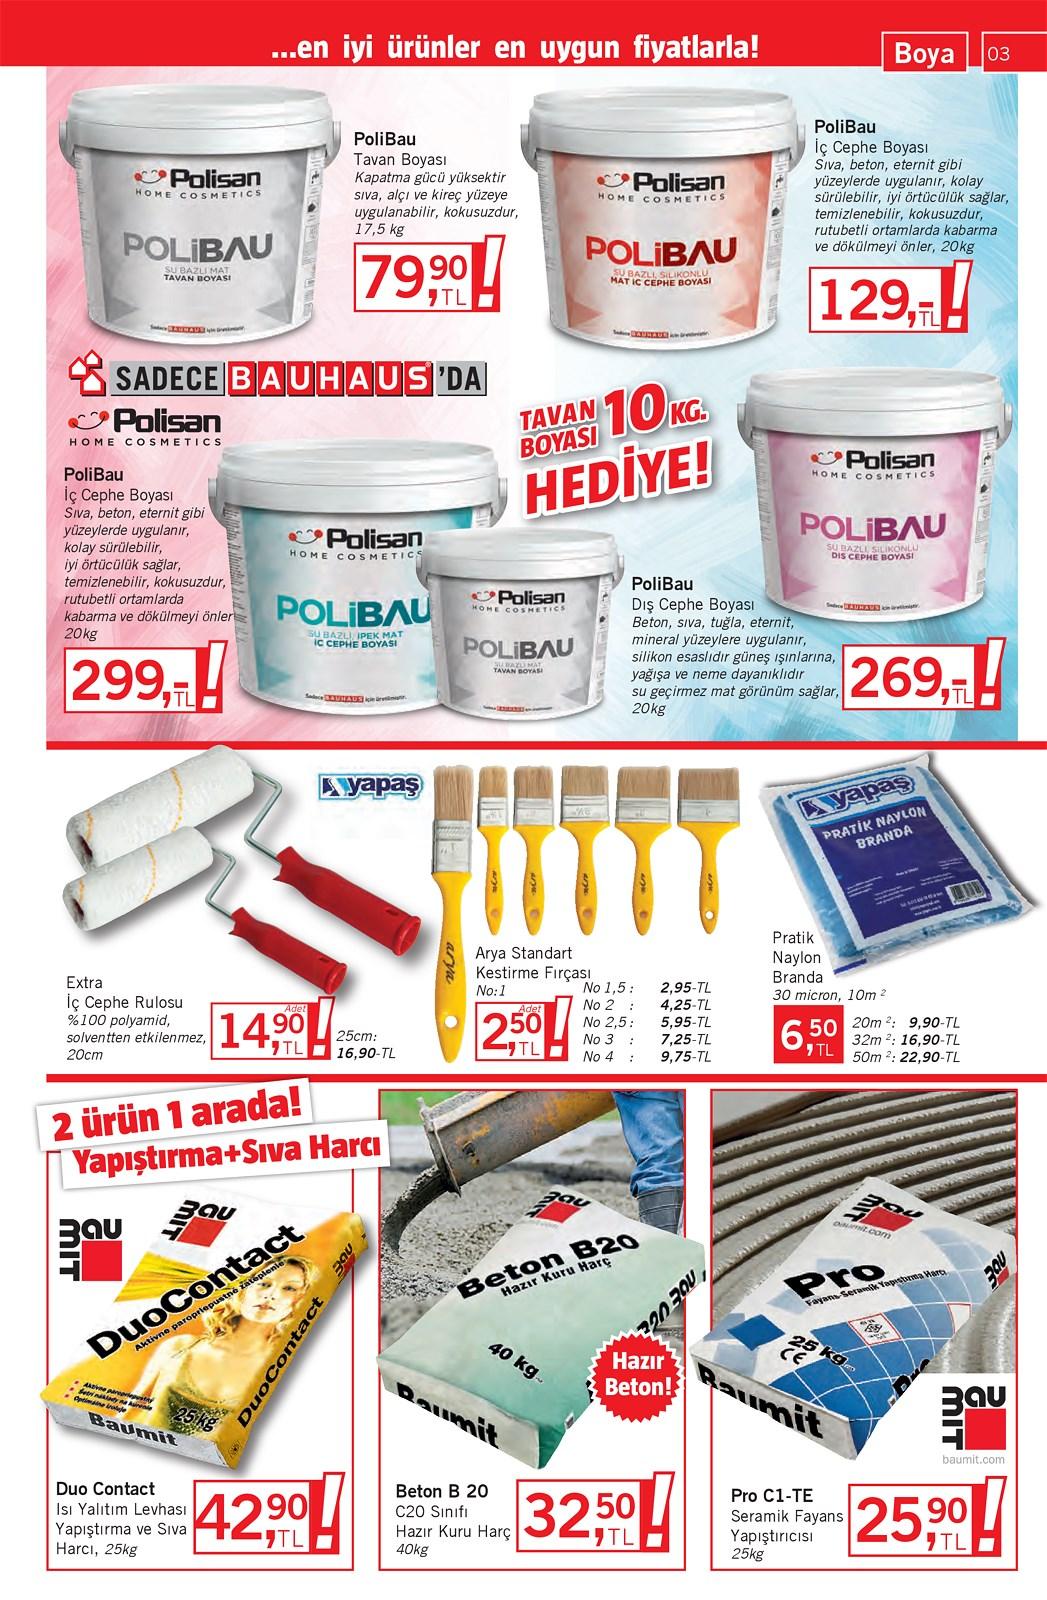 29.05.2021 Bauhaus broşürü 3. sayfa